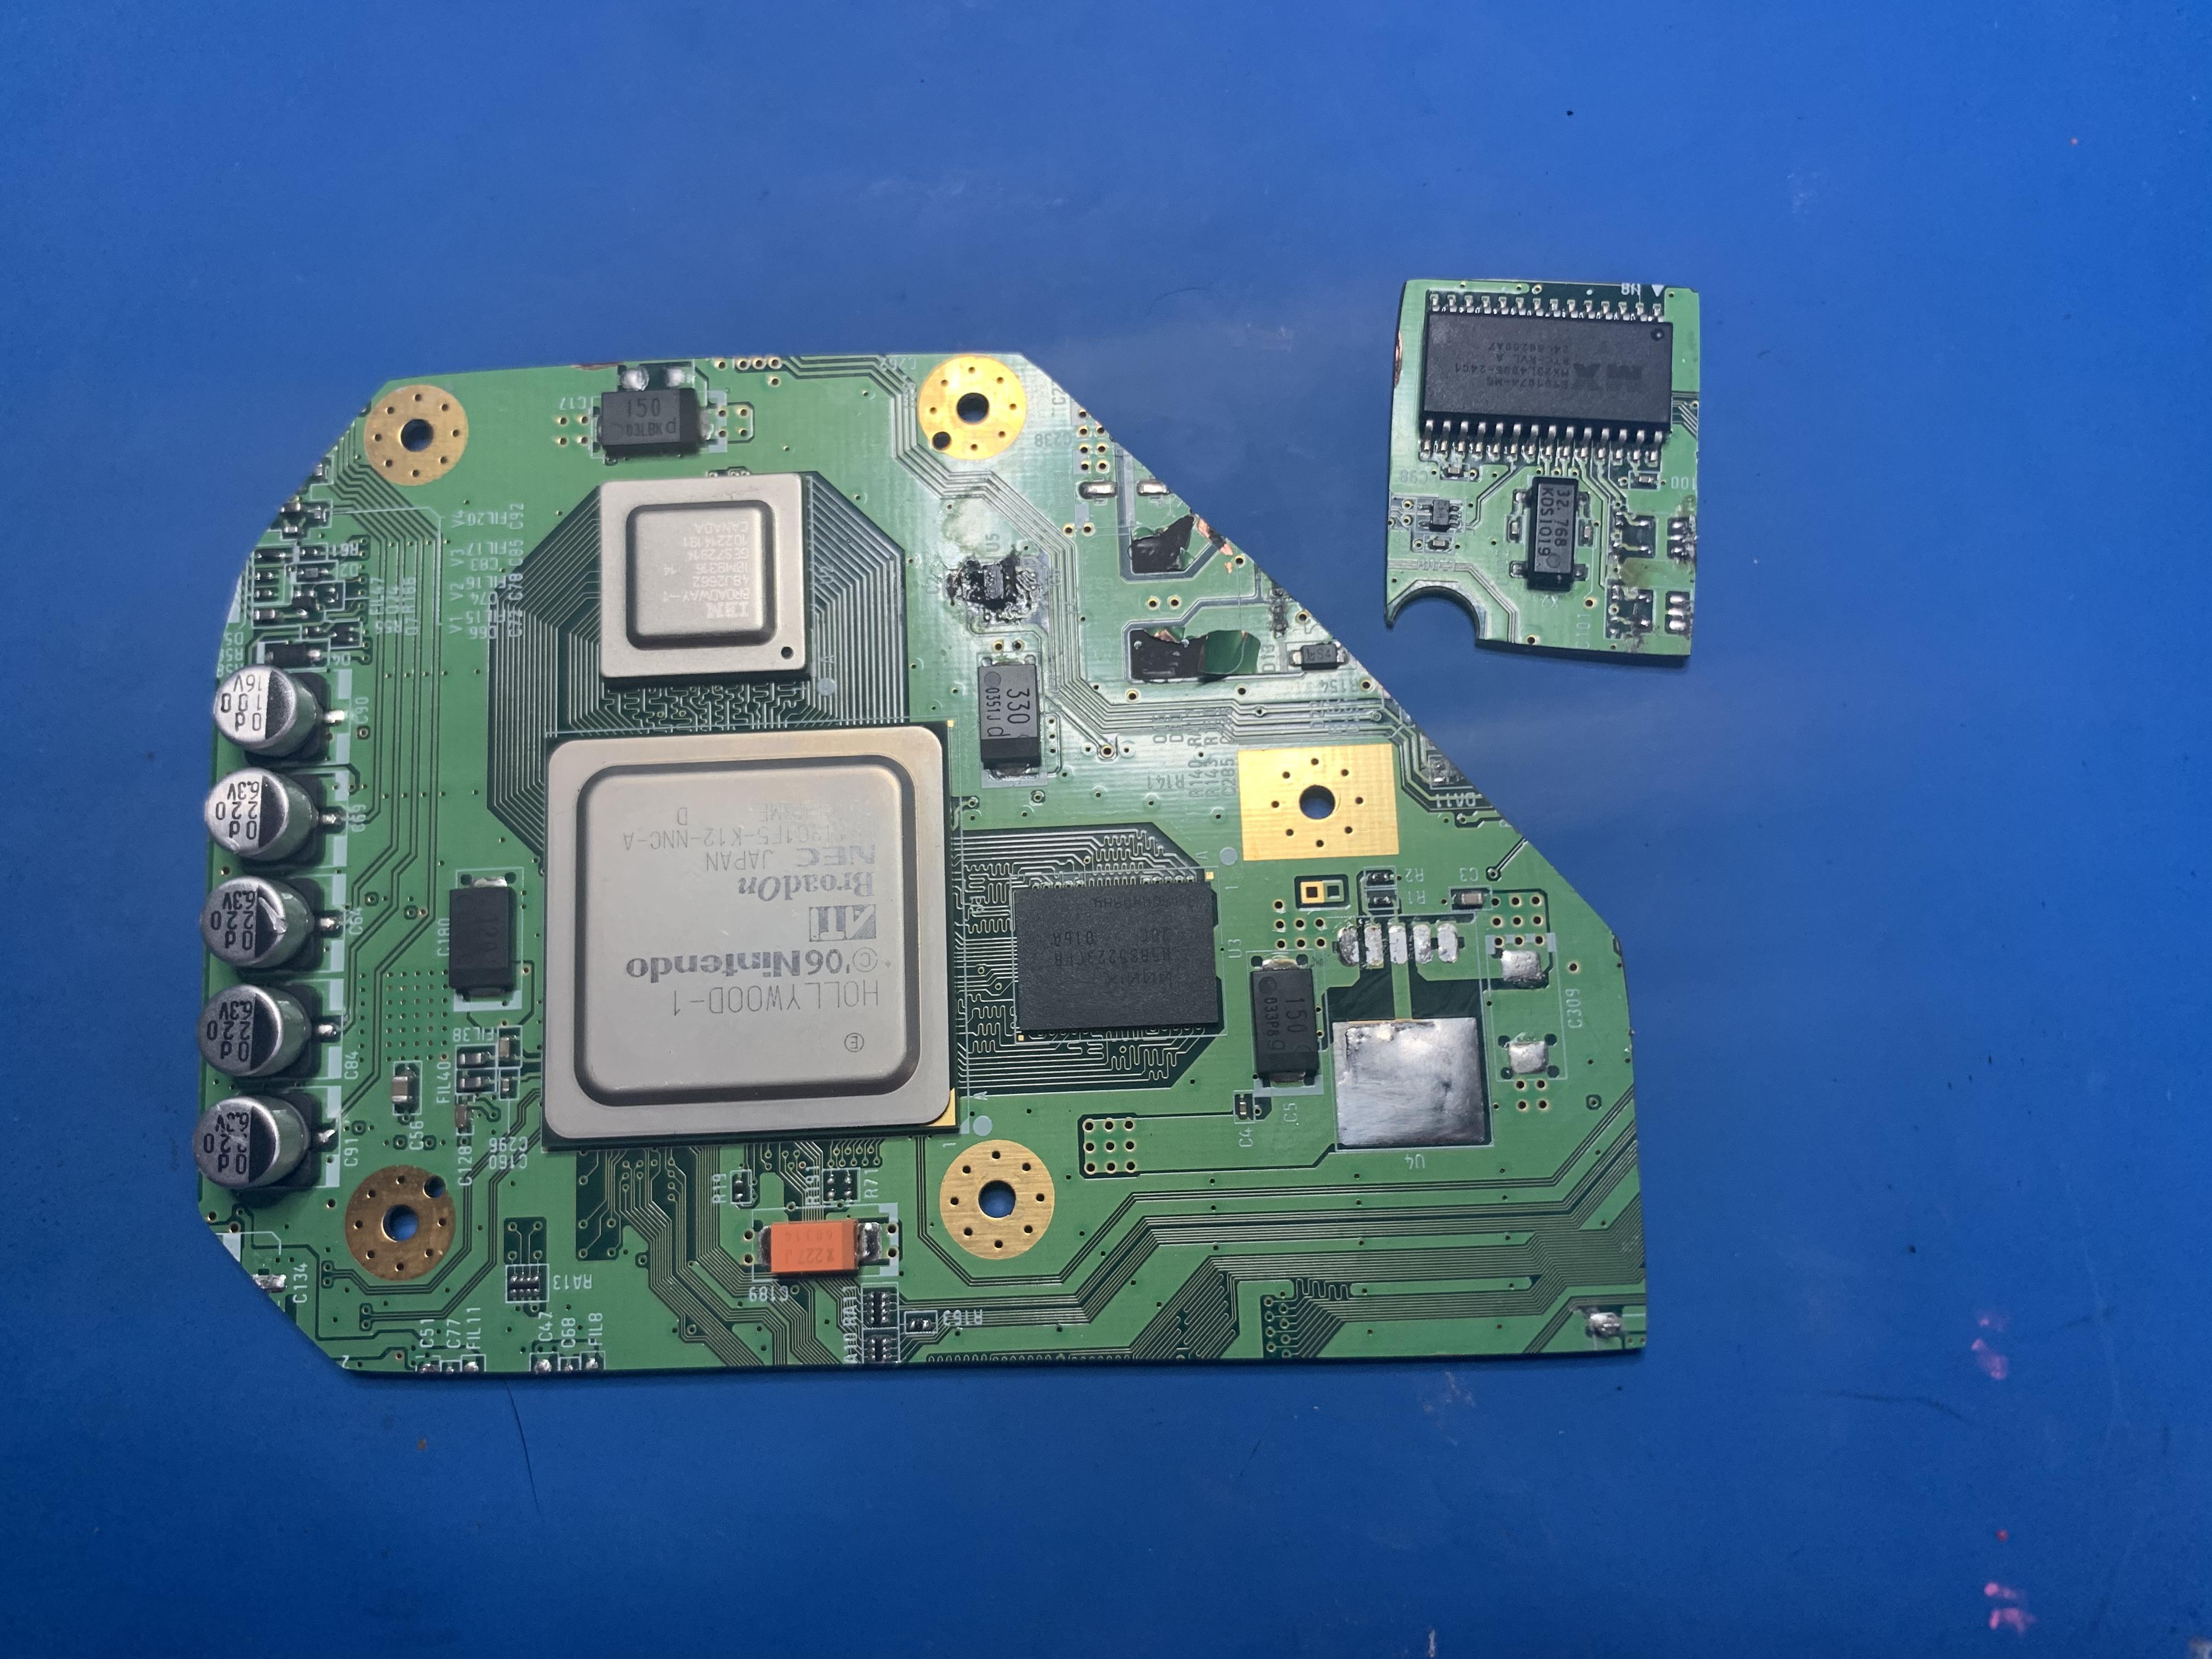 60571DBA-8FA9-4C1B-B6AE-ACB4412977B7.jpeg